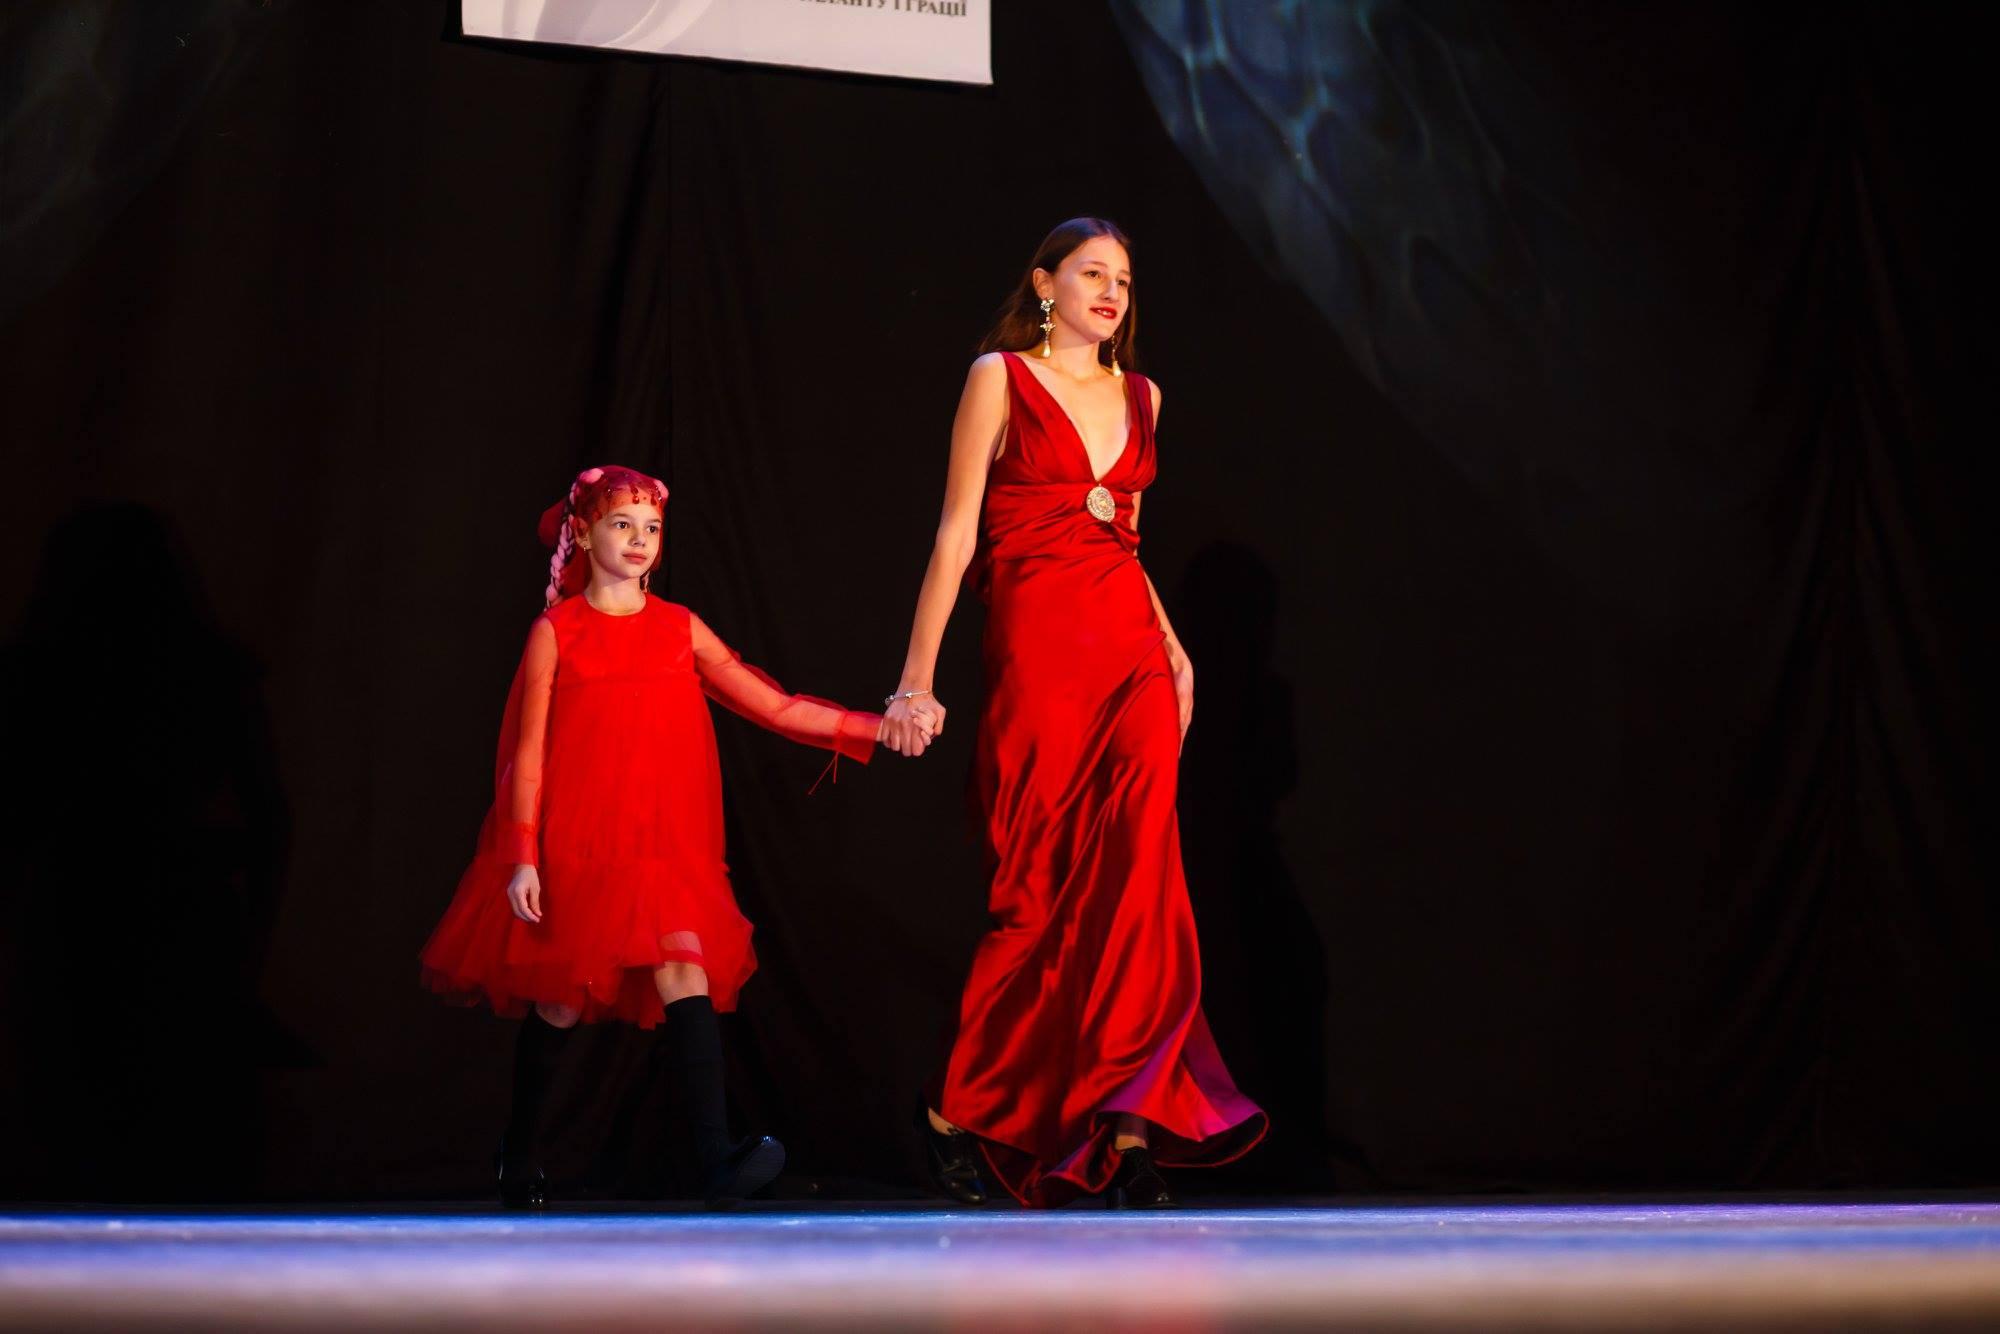 Відома модельна агенція з Кропивницького організувала фестиваль таланту та грації у столиці (ФОТО)